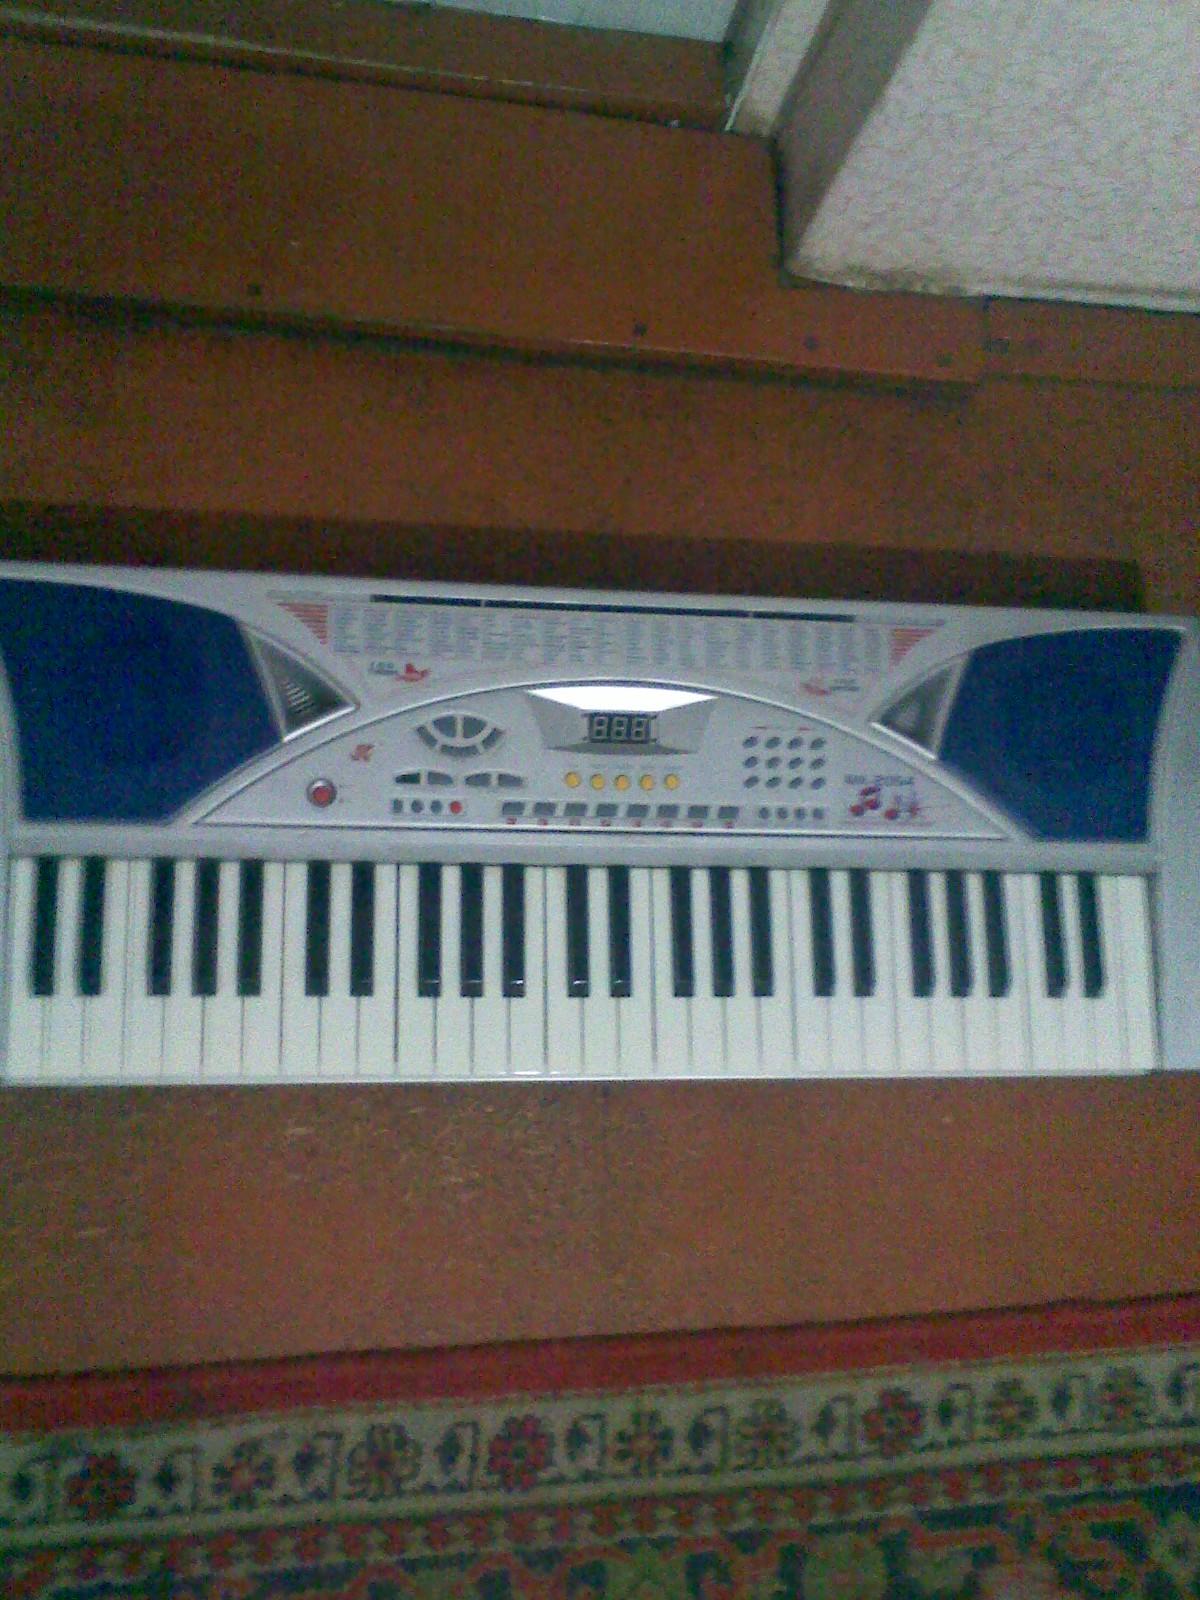 синтезатор mk-2054 инструкция